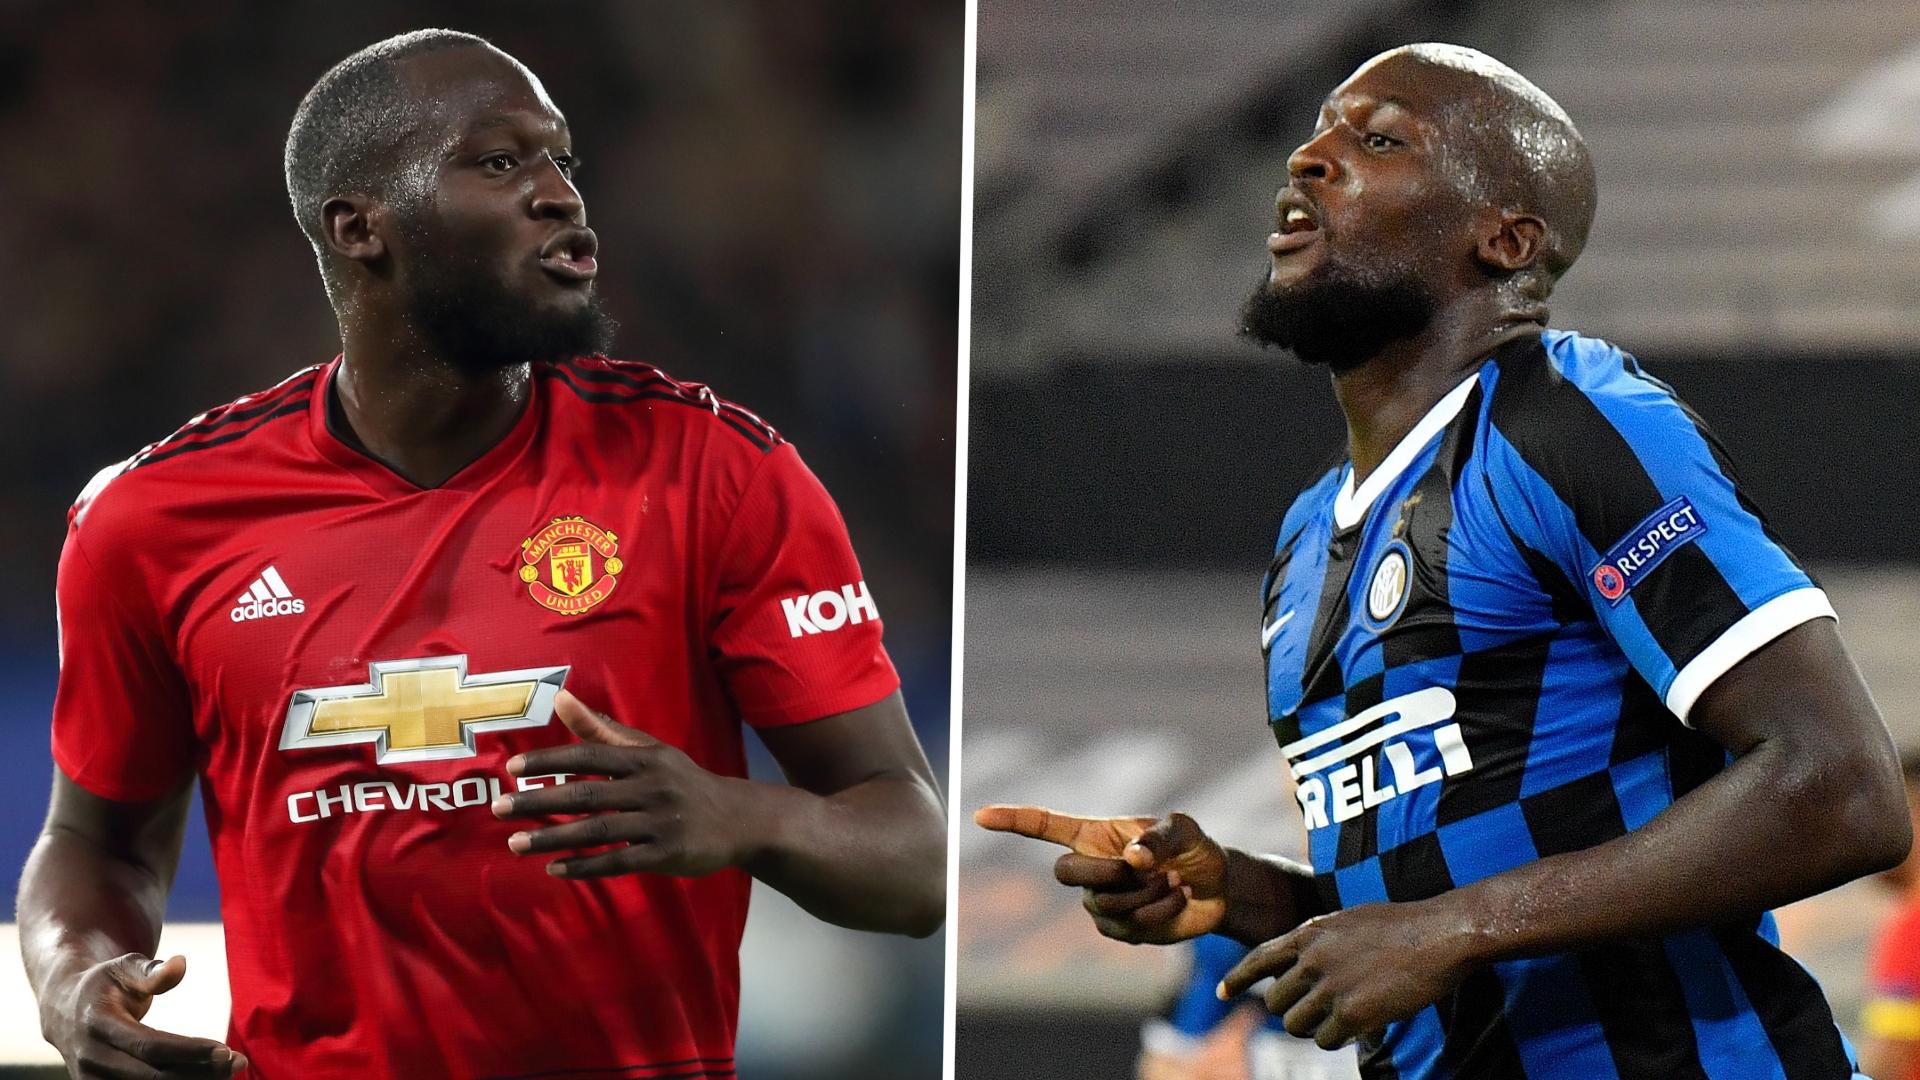 Manchester United Diwanti Wanti Waspada Dendam Kesumat Romelu Lukaku Bila Jumpa Inter Milan Goal Com